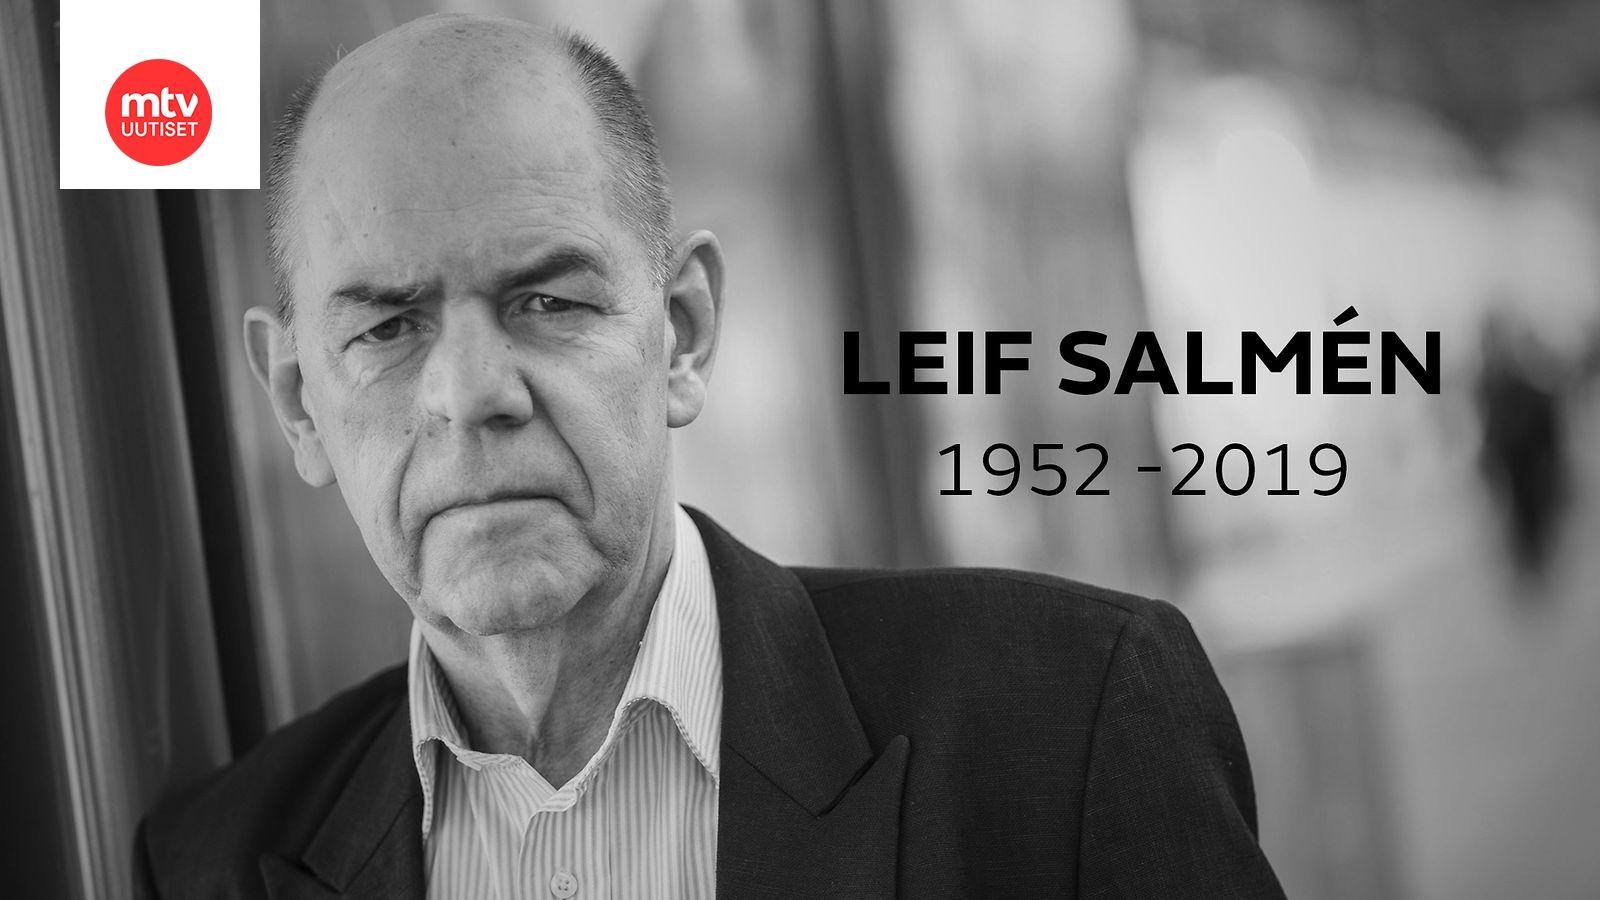 Leif Salmen Alkoholi